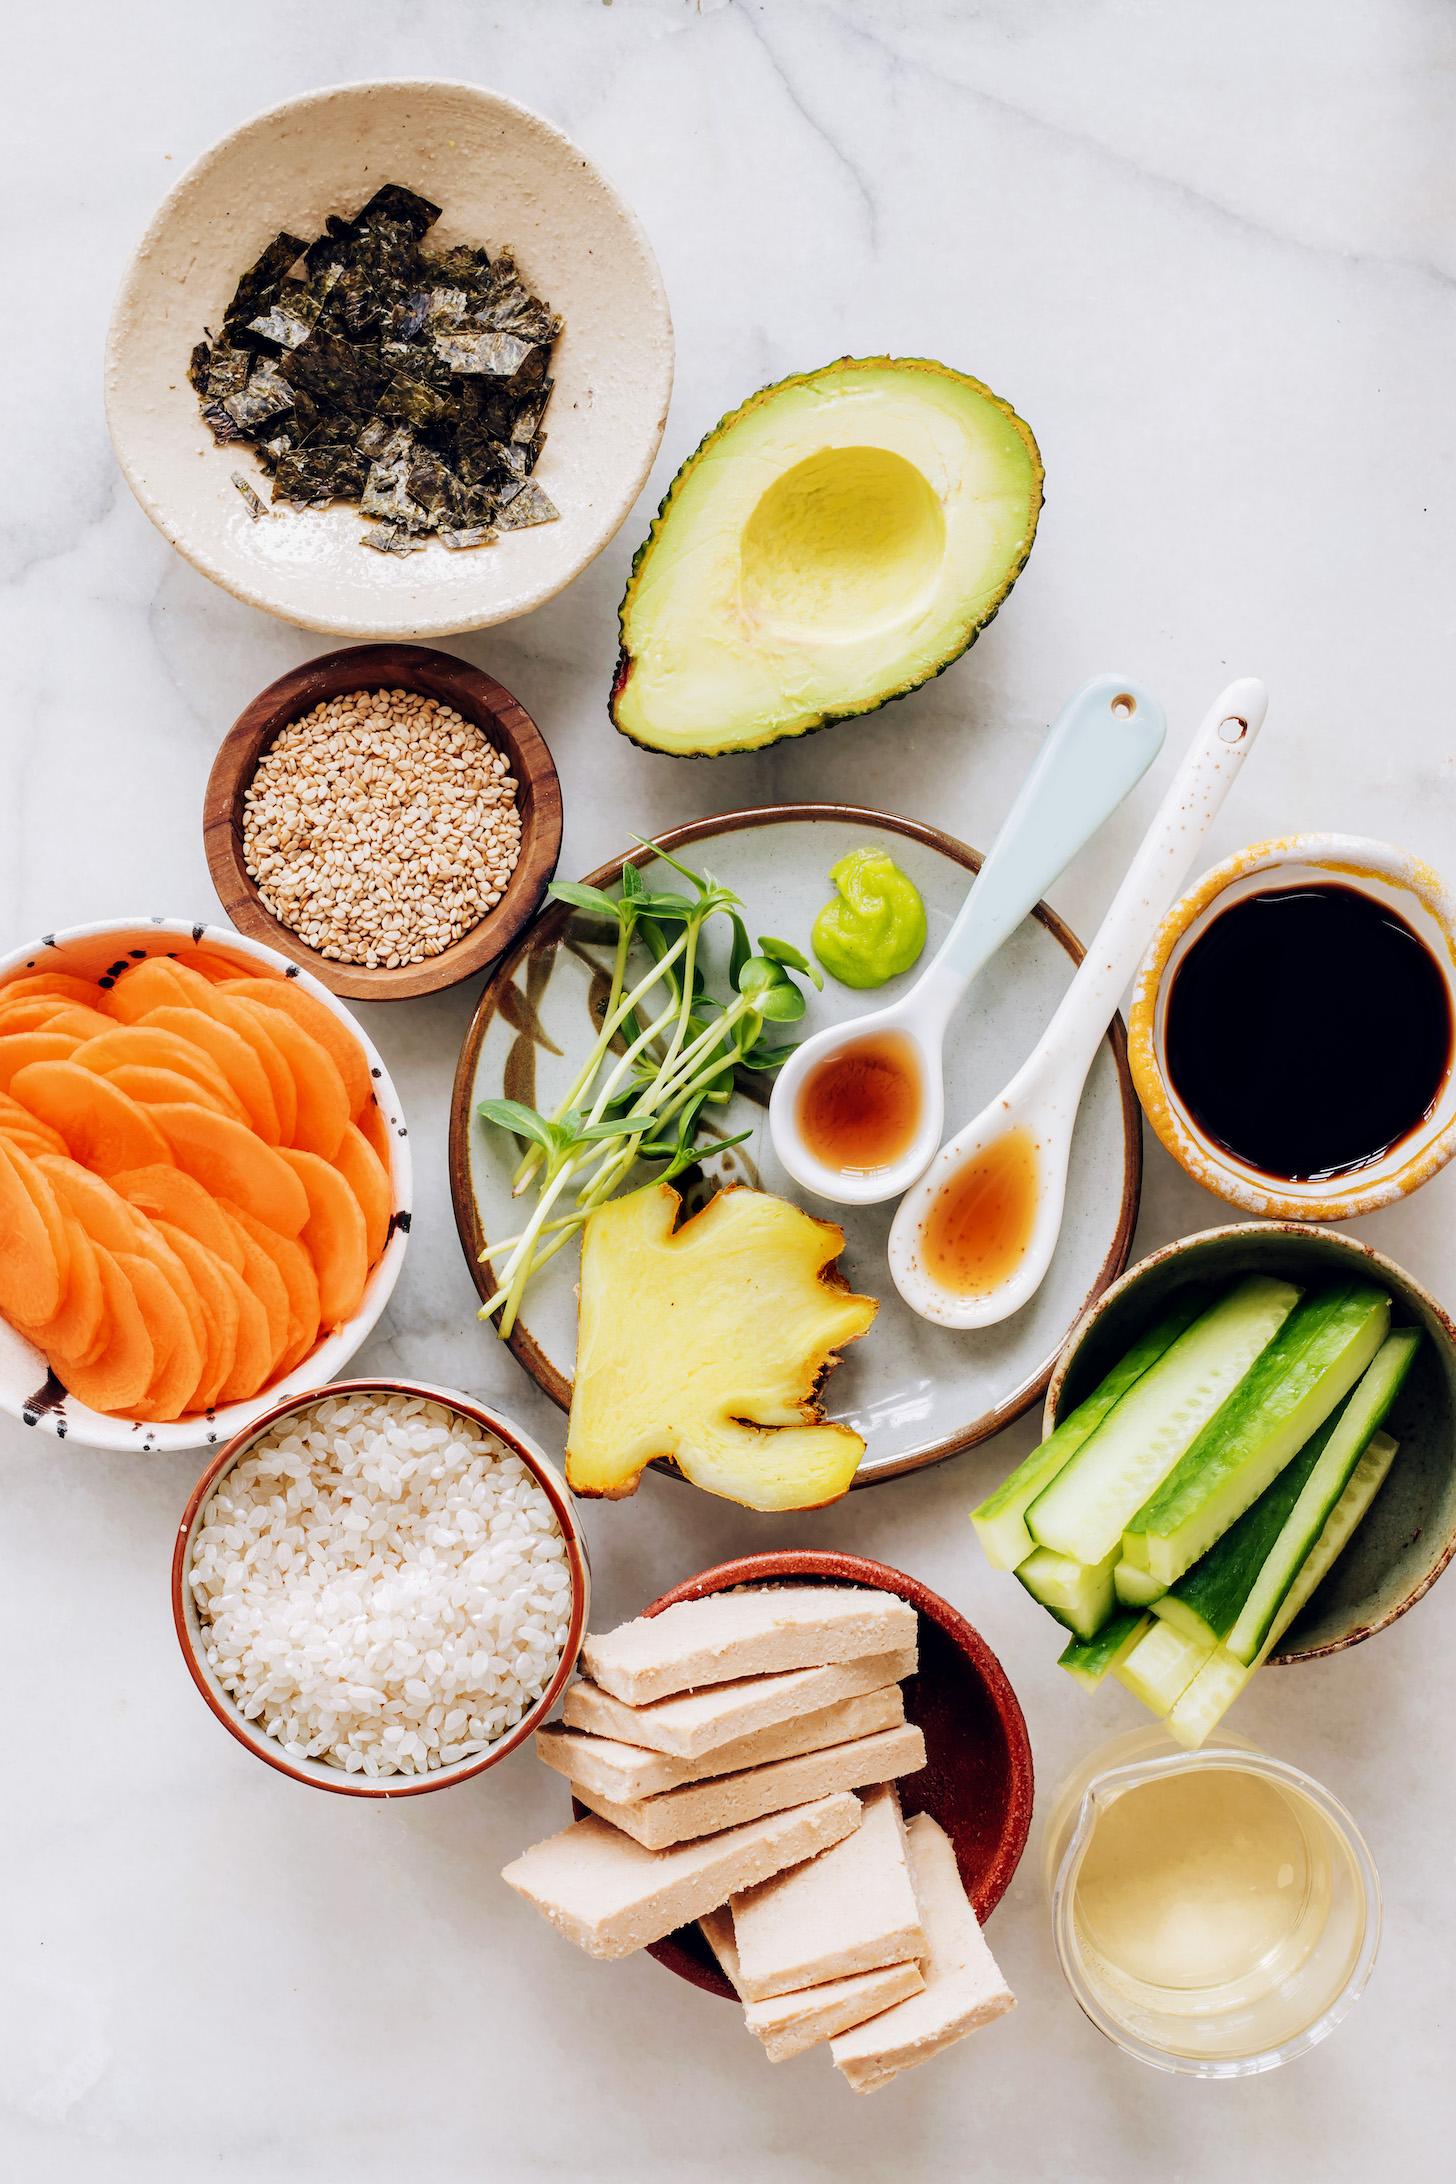 Riz, tofu, concombre, tamari, sirop d'érable, huile de sésame, gingembre, wasabi, pousses, avocat, graines de sésame, nori et carottes